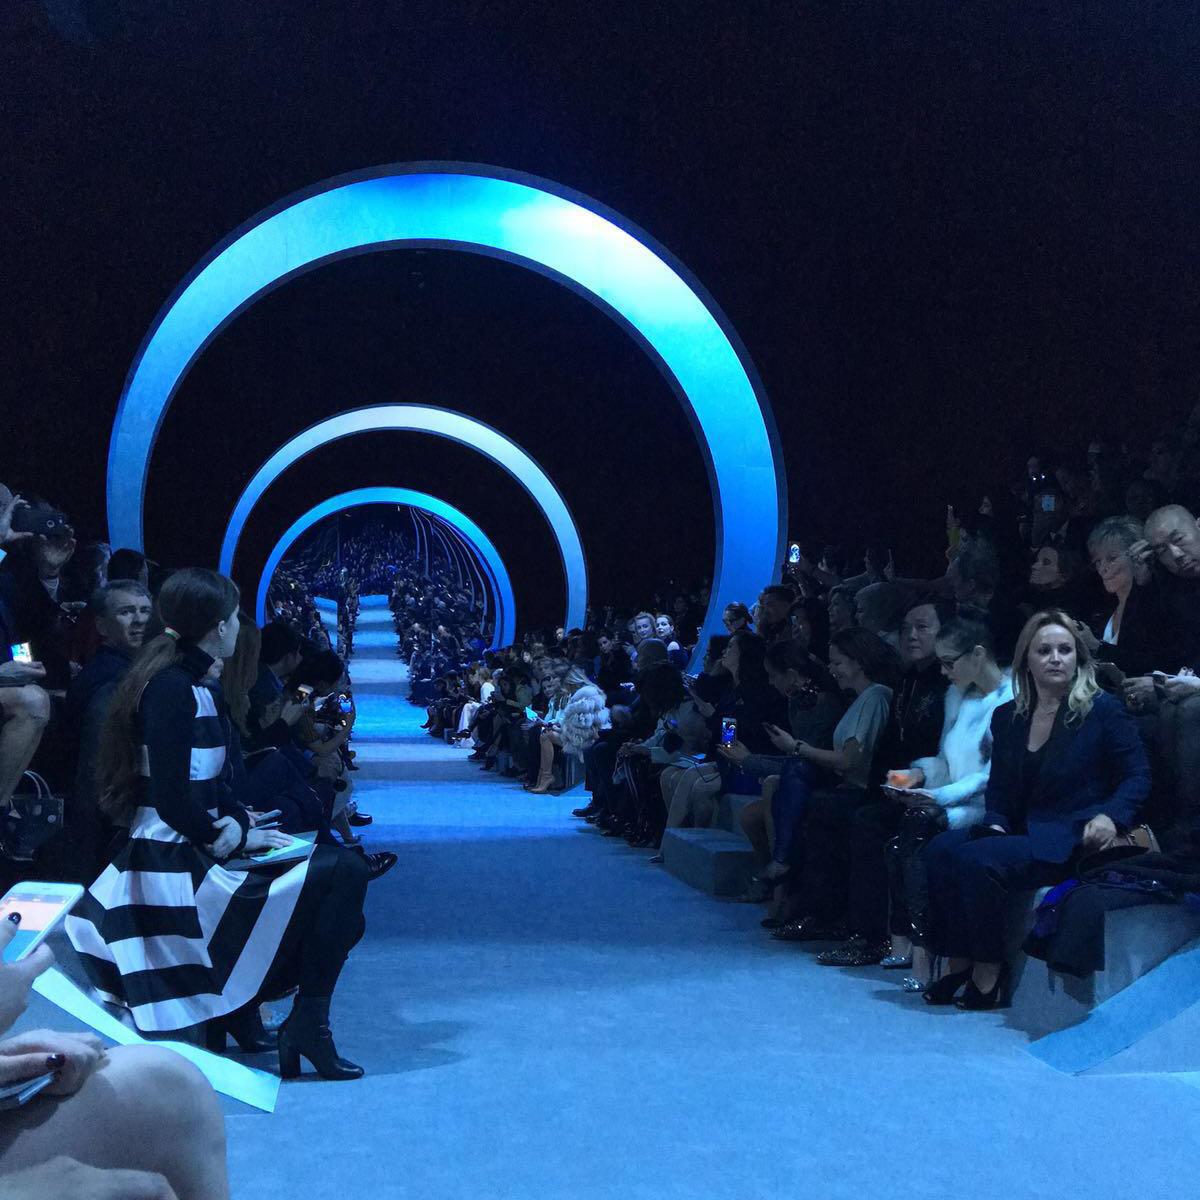 """Der Catwalk bei Dior: """"Die Atmosphäre ist großartig – eine traumhafte Kulisse, tolle Persönlichkeiten, schöne Mode und ich mittendrin."""""""